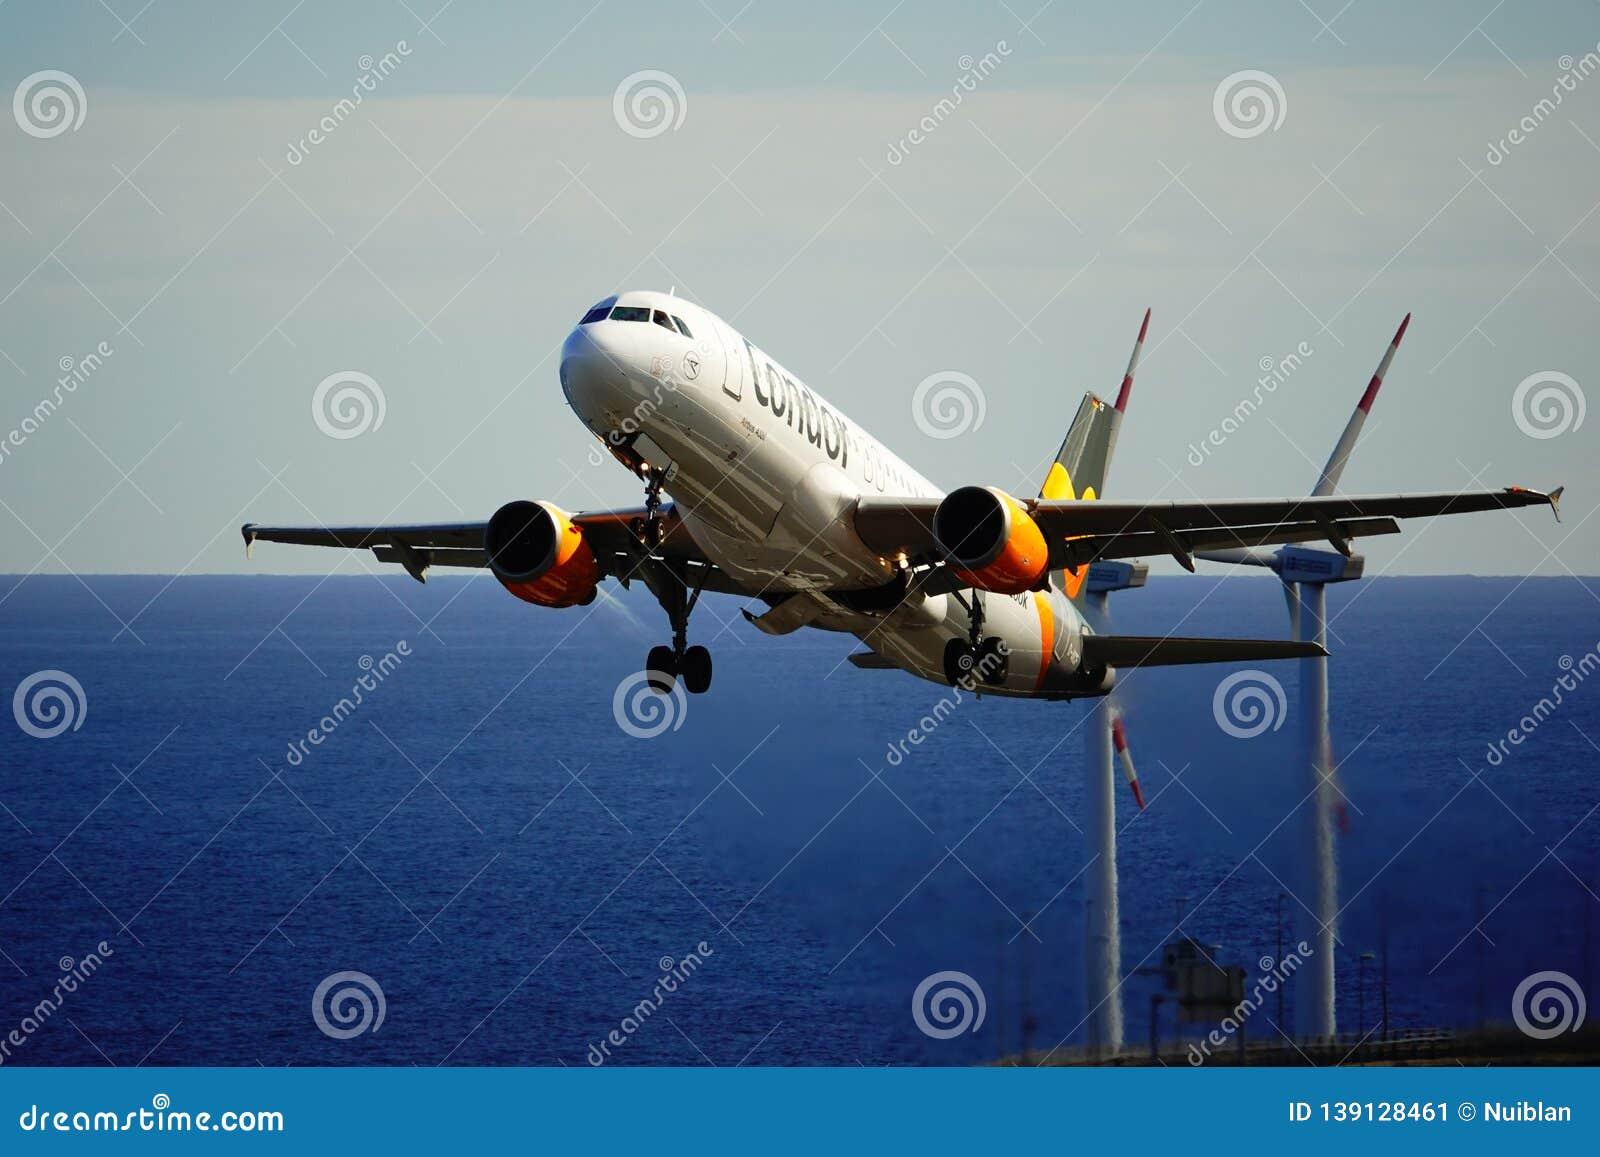 Santa Cruz de La Palma, Canary Islands, Spain; December 2nd 2018: Condor airplane taking off La Palma Airport